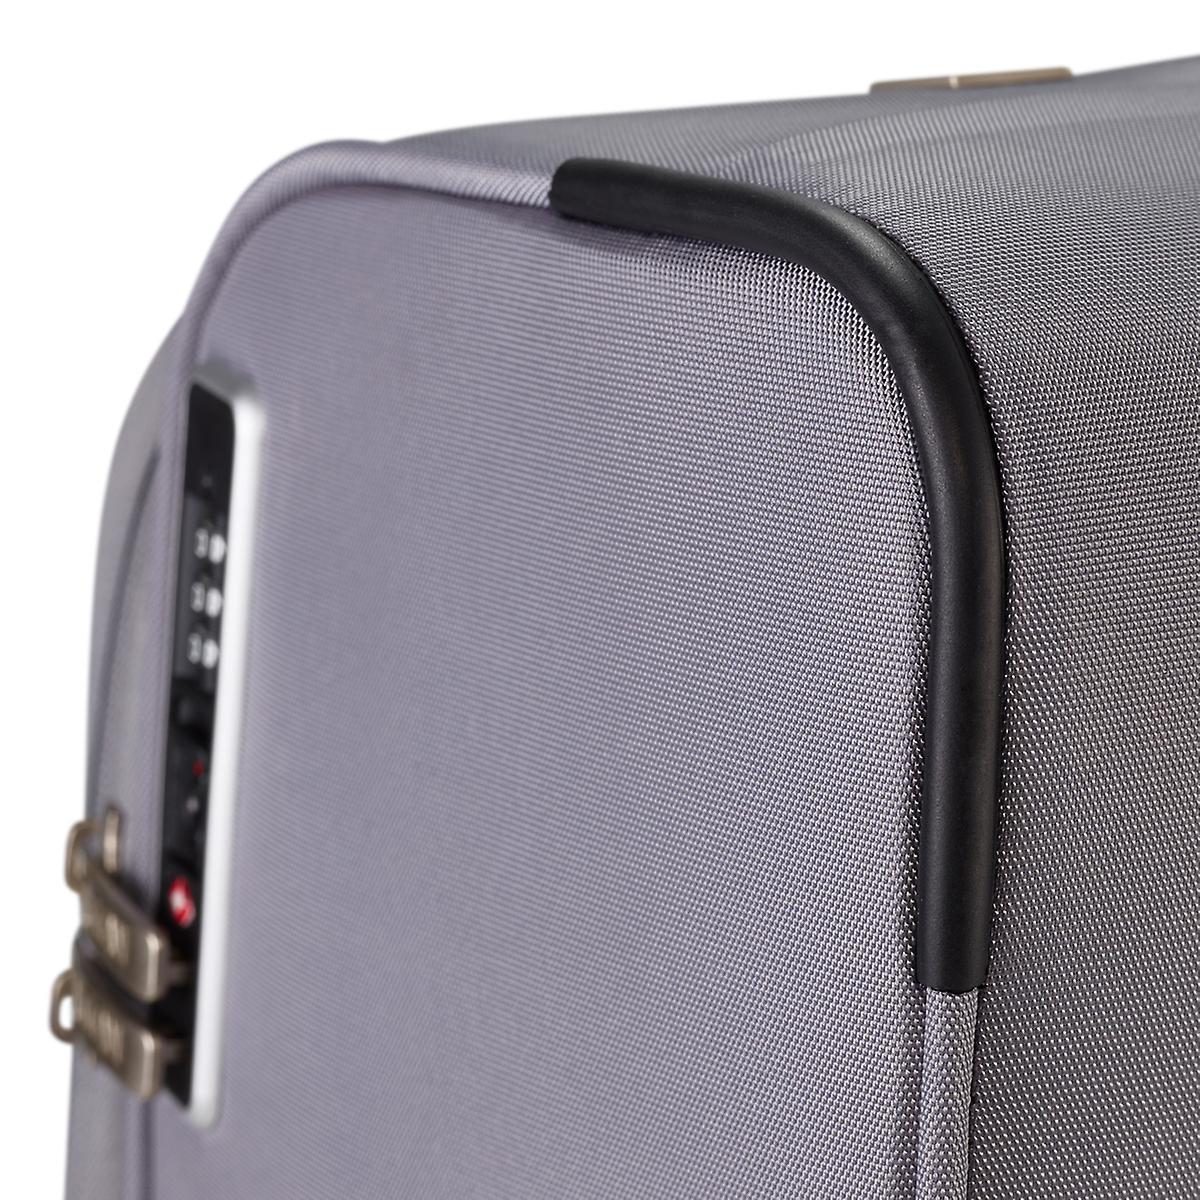 Titanium Spotlight soft soft luggage 4 wheel trolley case L 77 cm 384404-04 540ac61d0051b